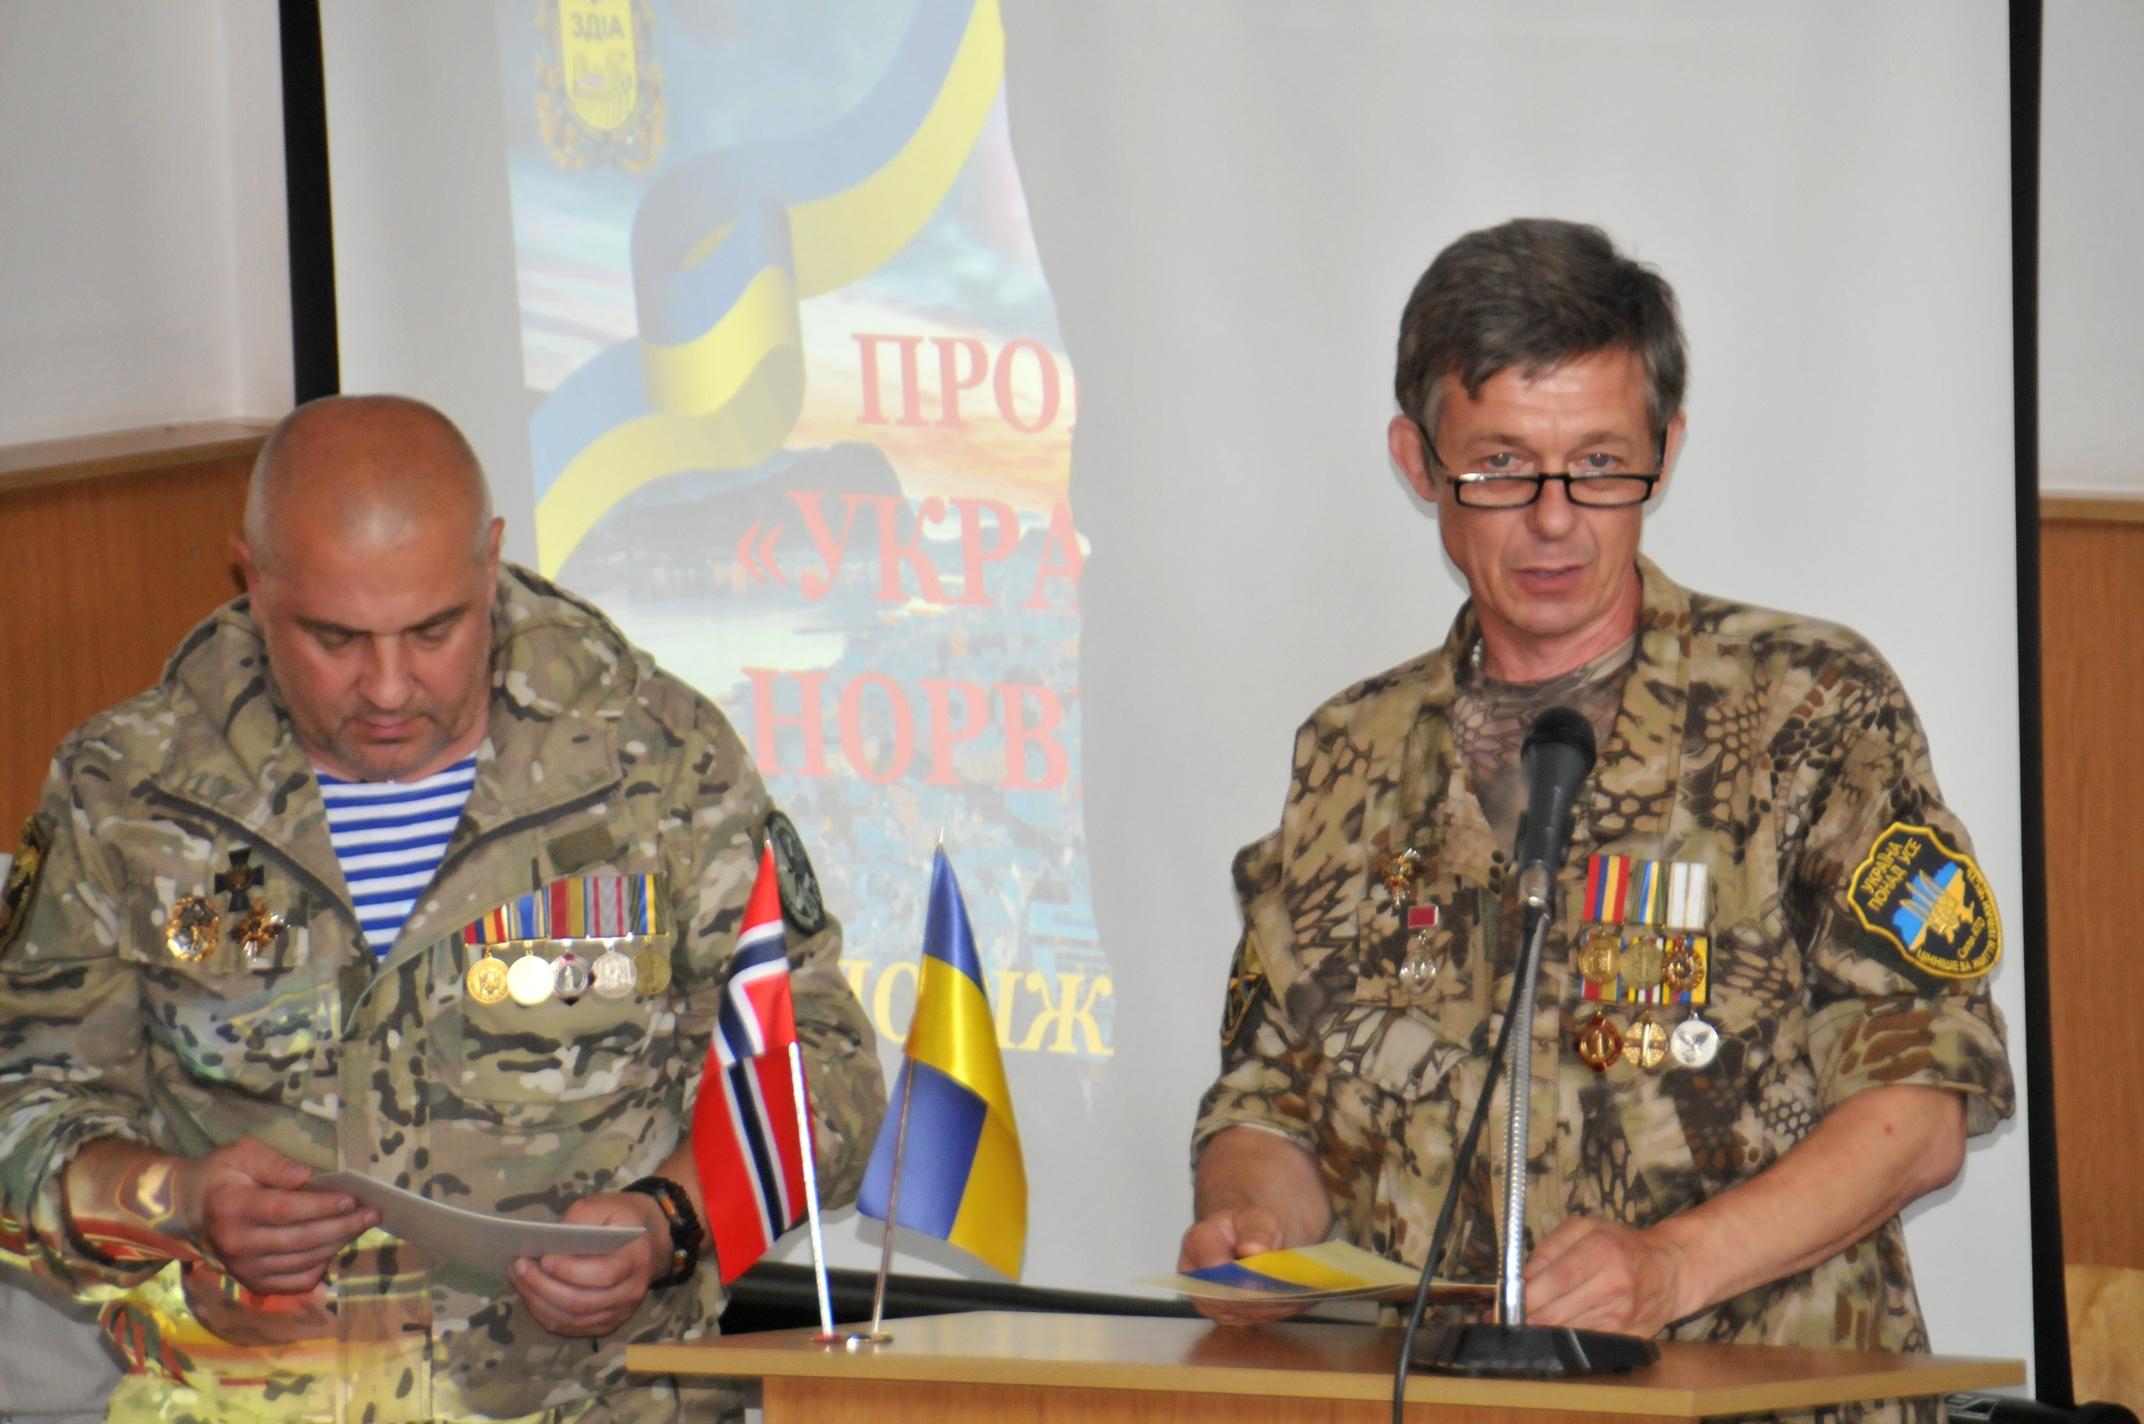 В Запорожье бойцы АТО имеют возможность получить новые знания и открыть собственный бизнес благодаря партнерству с Норвегией - ФОТО